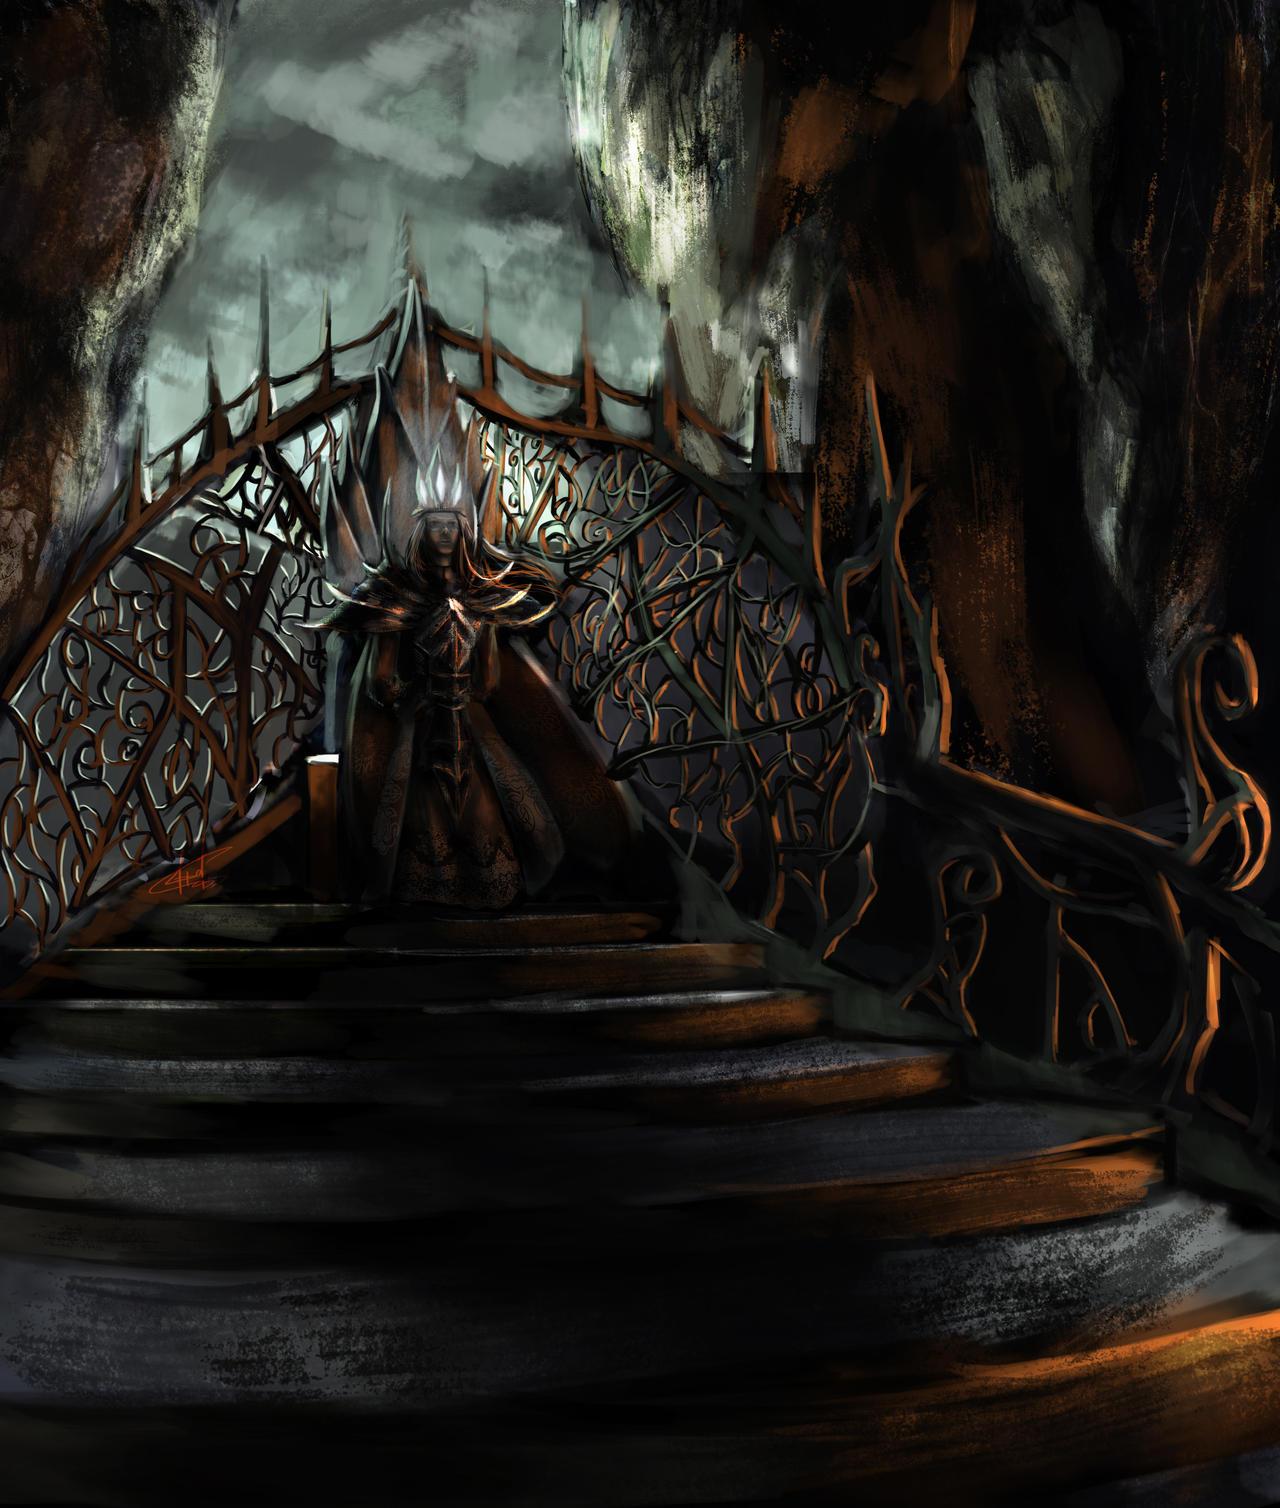 Morgoth or Melkor? by Janonna-art on DeviantArt